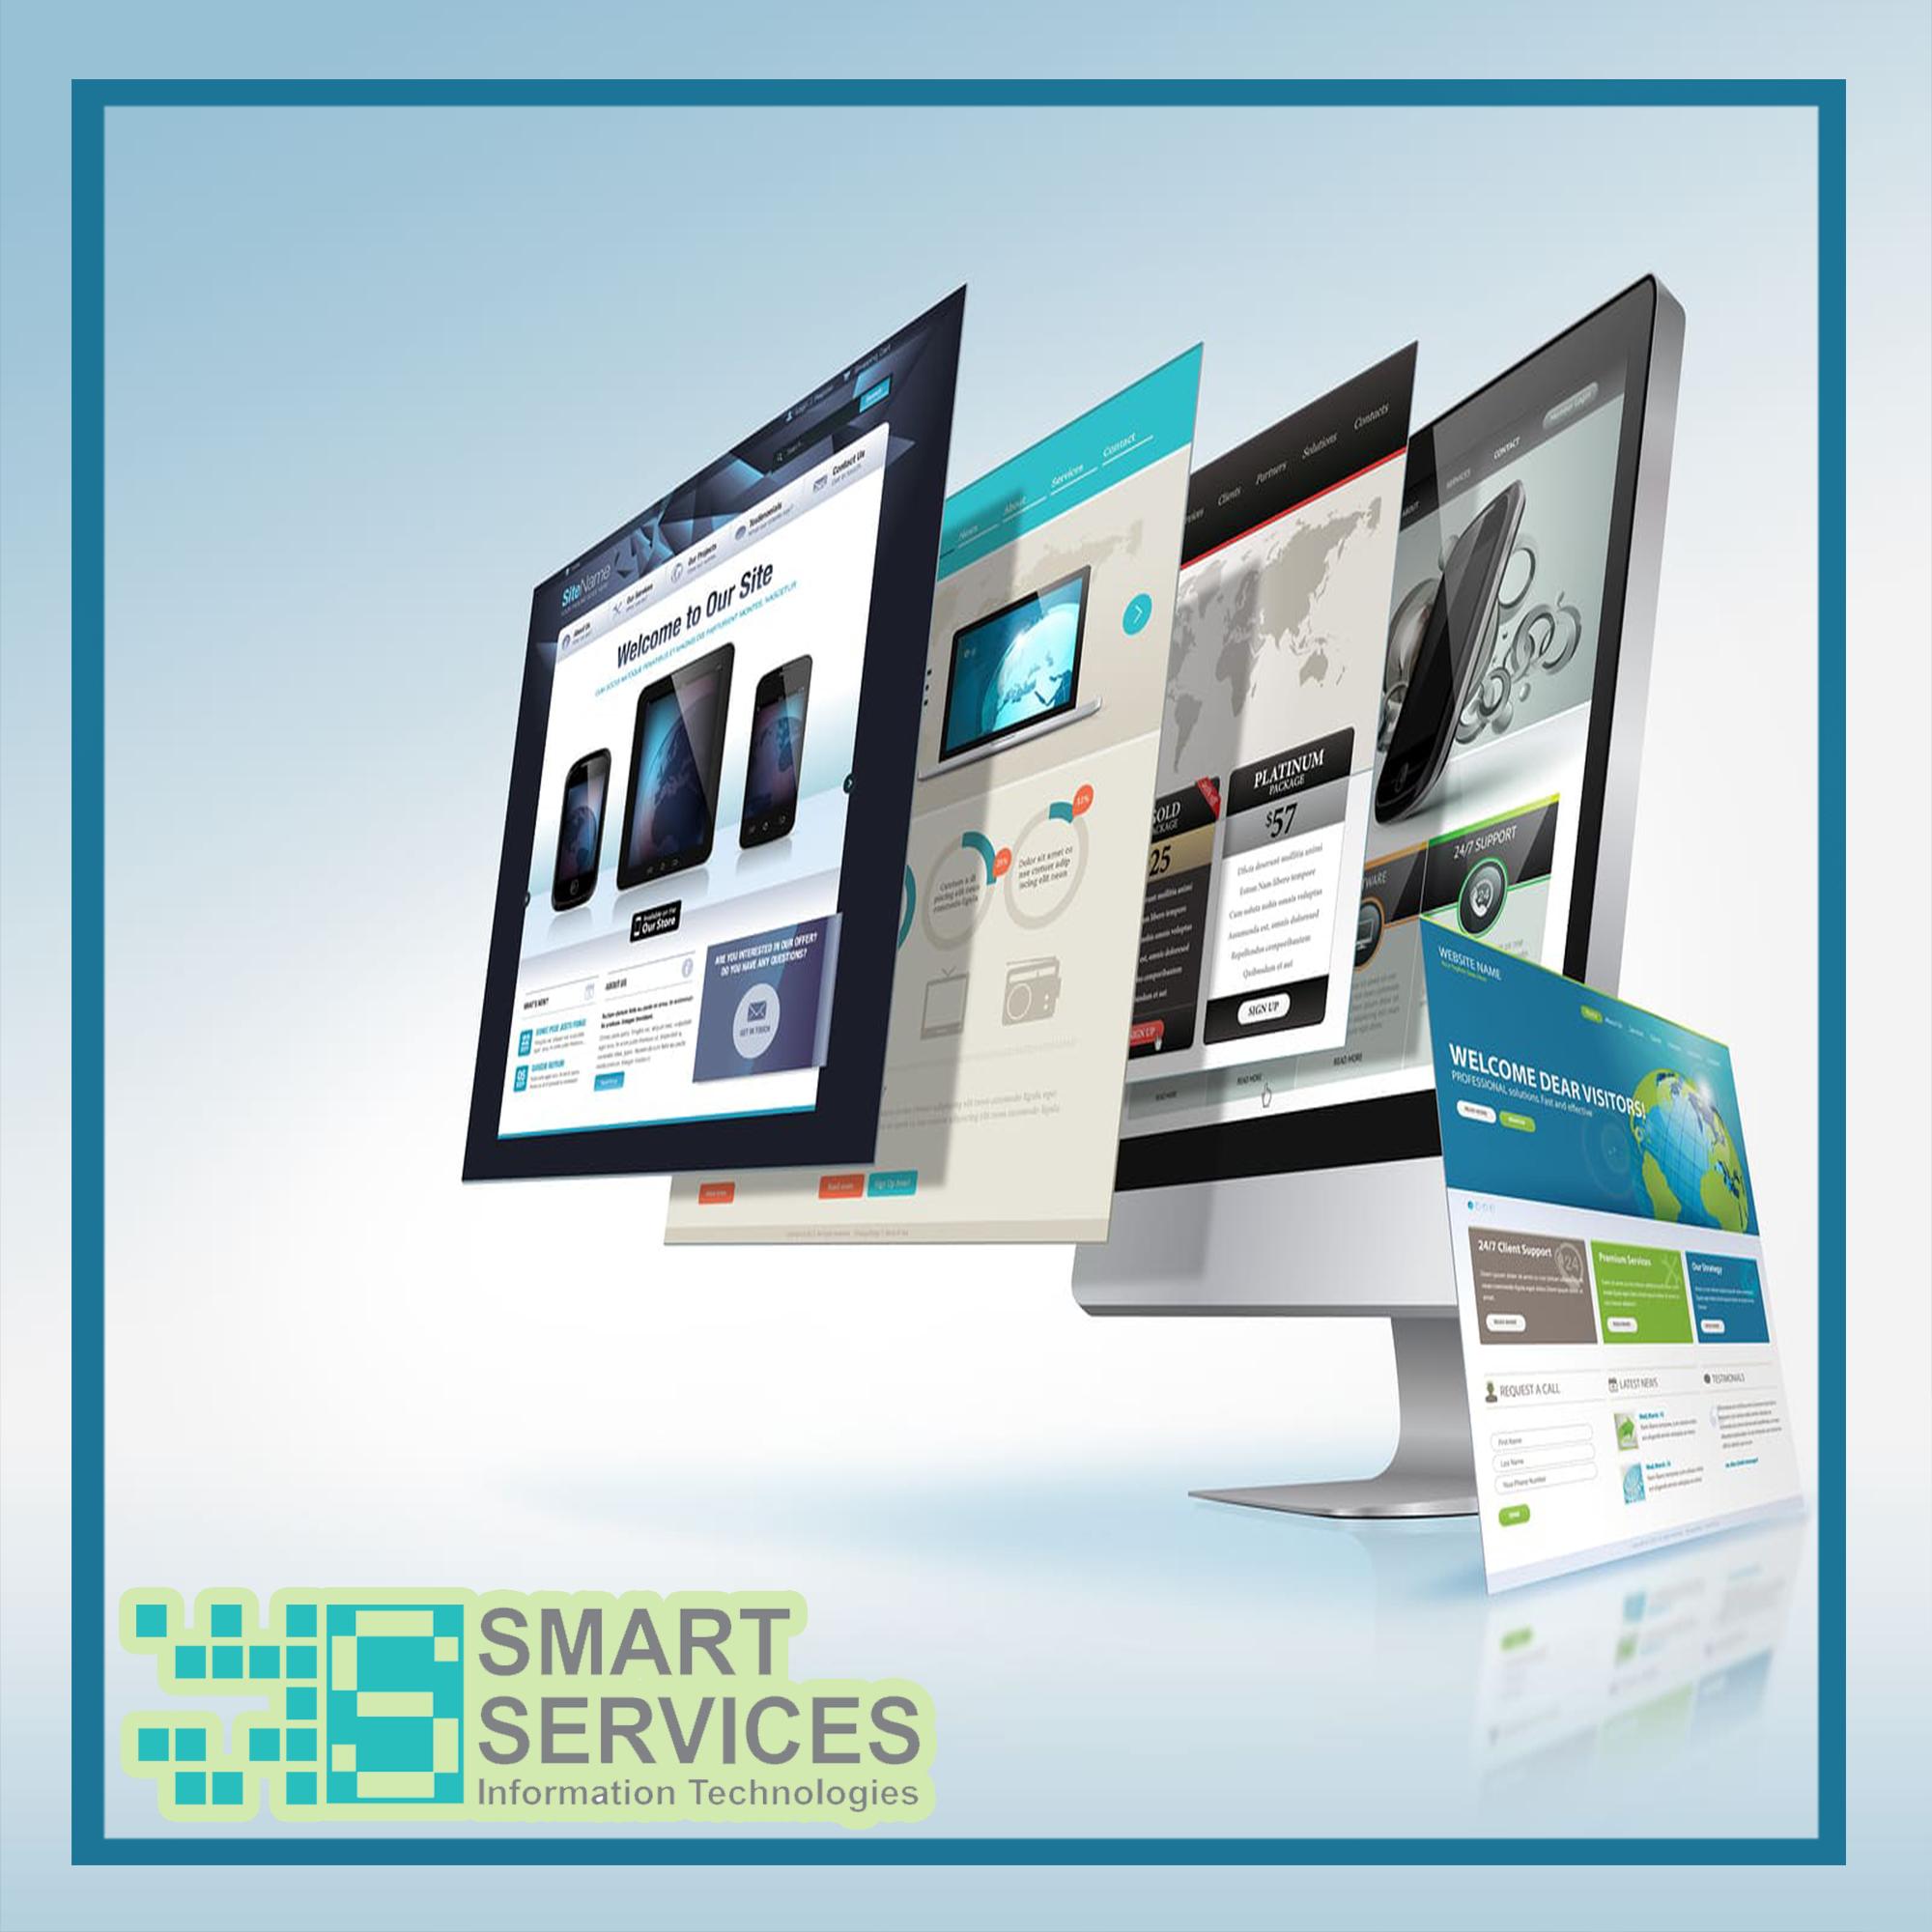 إدارة المواقع والتطبيقات الإلكترونية تشمل مجموعة من المهام التى يقوم بها مدير الموقع الال In 2020 Website Design Services Web Development Design Website Design Company